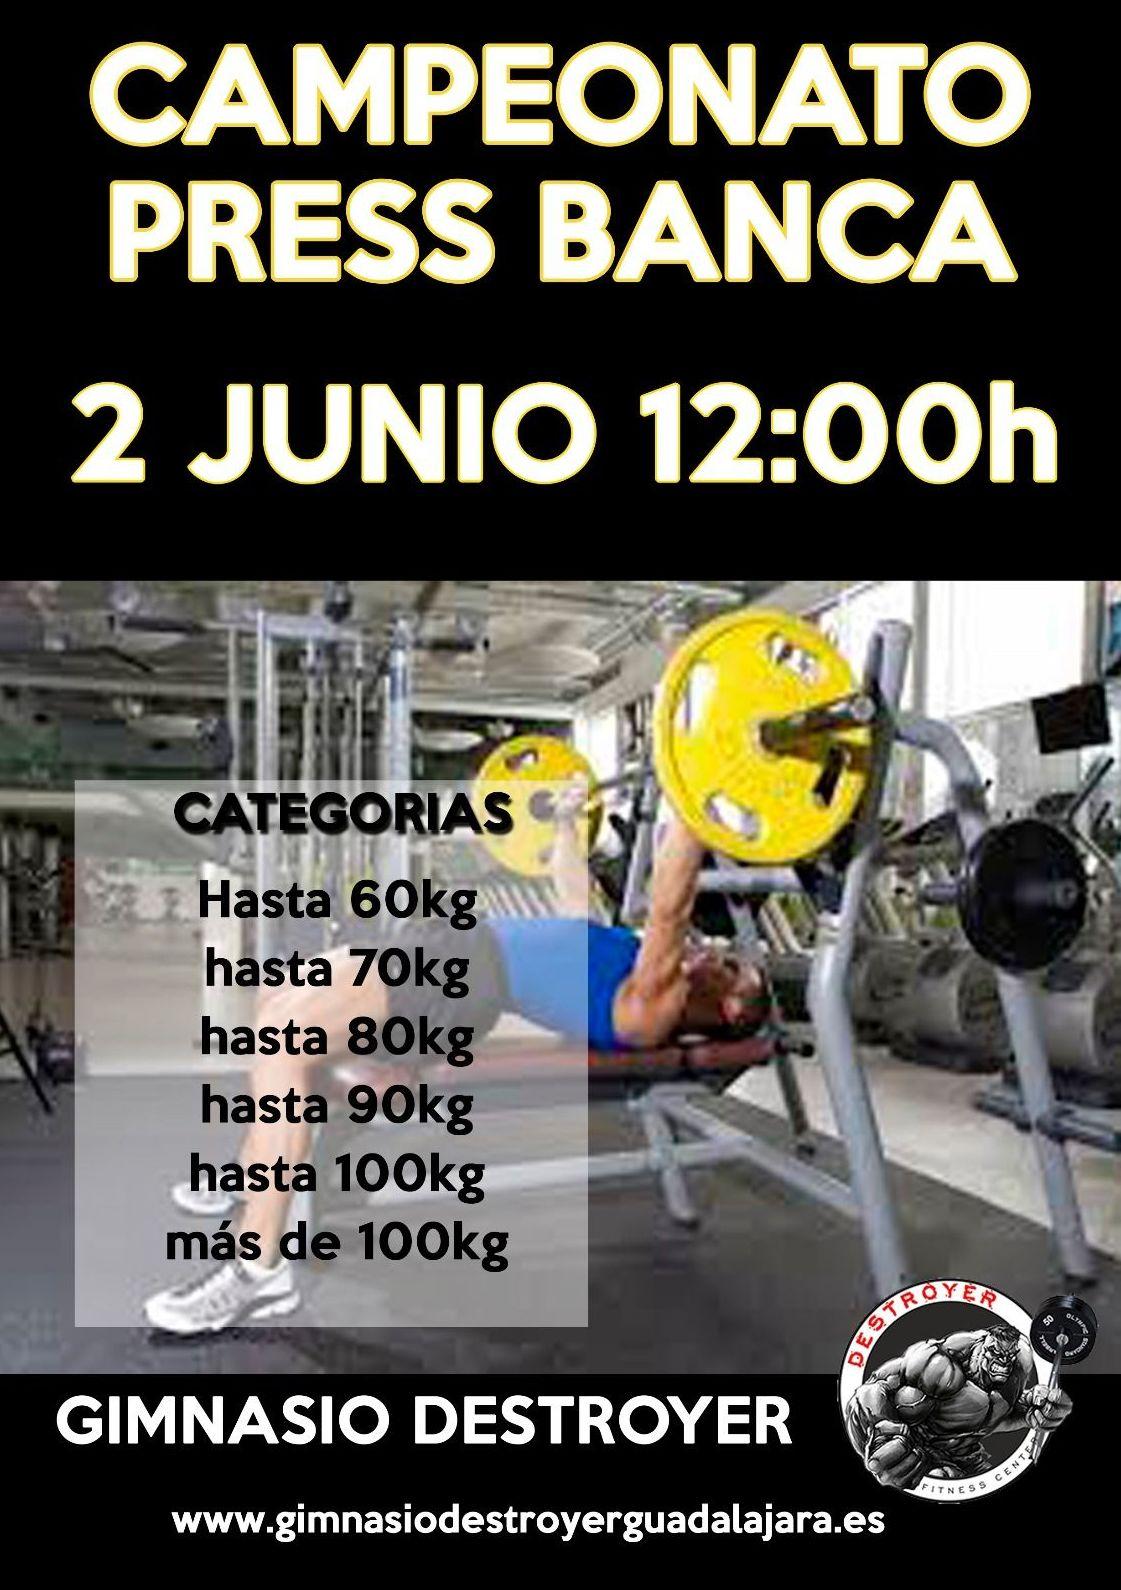 CAMPEONATO PRESS BANCA, El 2 de JUNIO